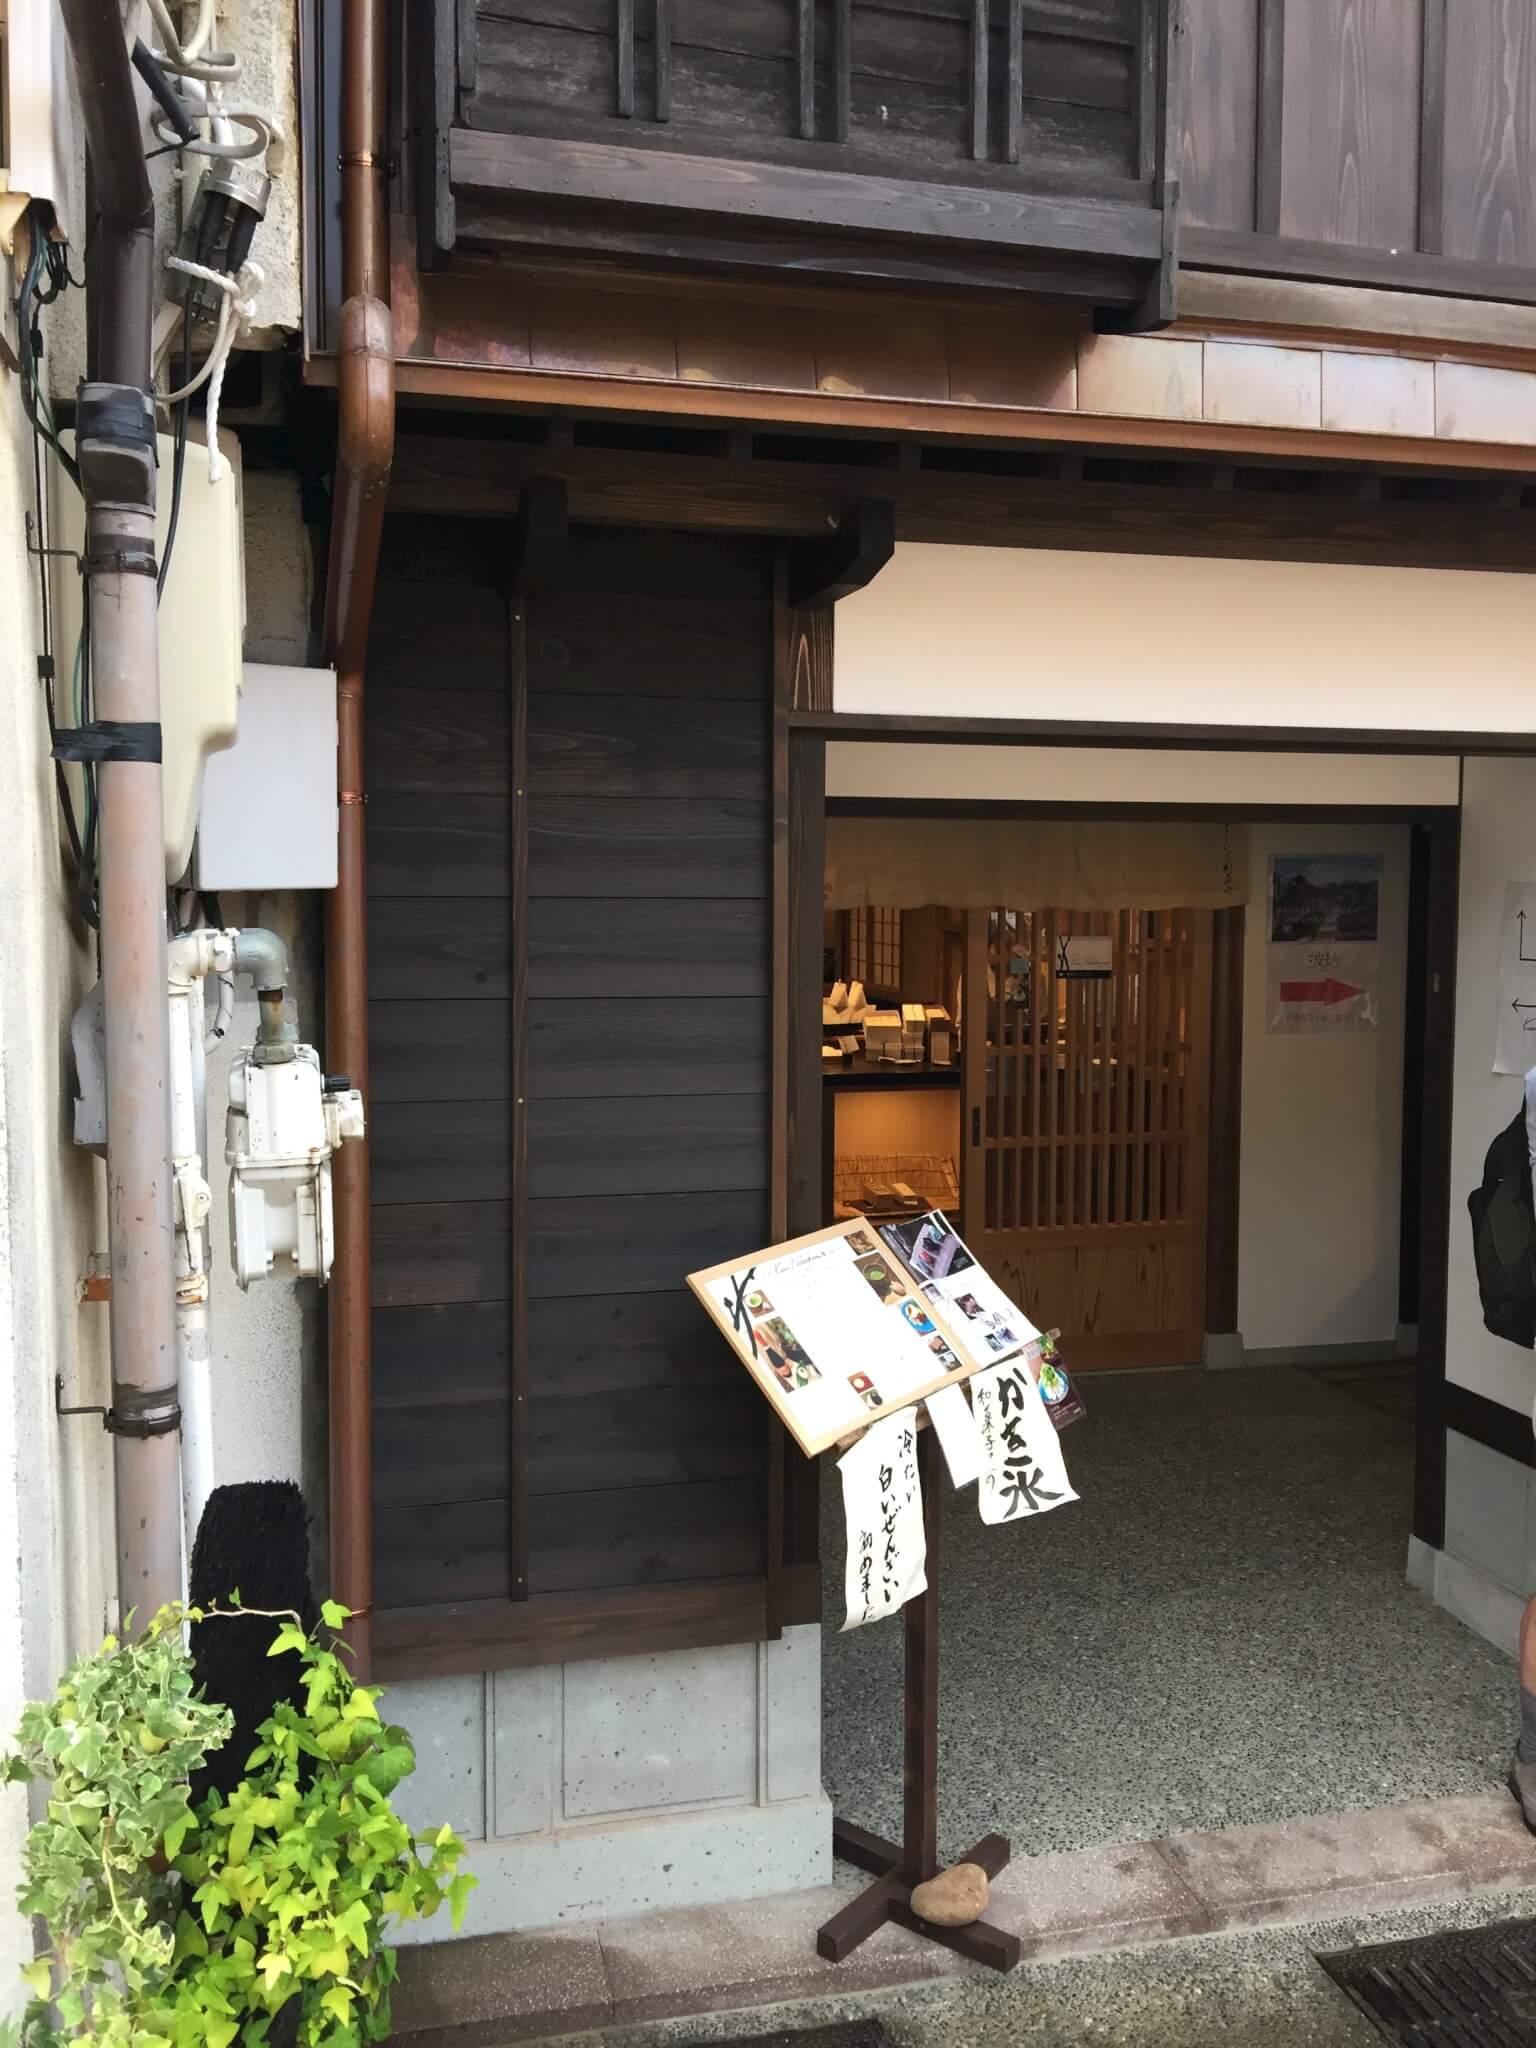 「菓舗Kazu Nakashima(カホ カズナカシマ)」店頭の写真